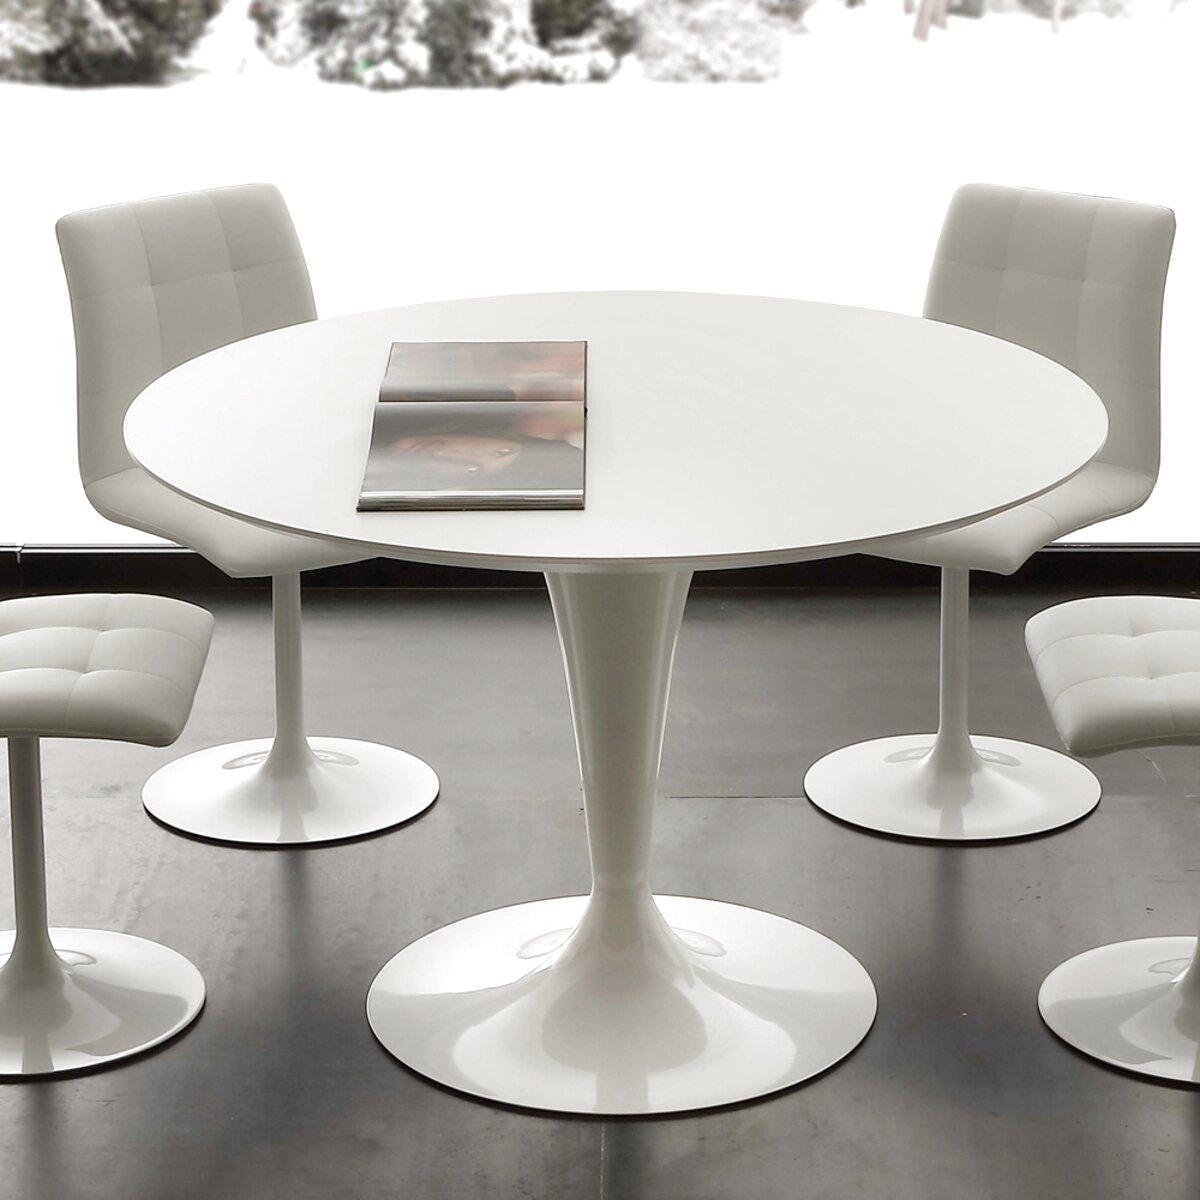 Tavolo Rotondo Bianco Usato.Tavolo Tondo Bianco Usato In Italia Vedi Tutte I 73 Prezzi